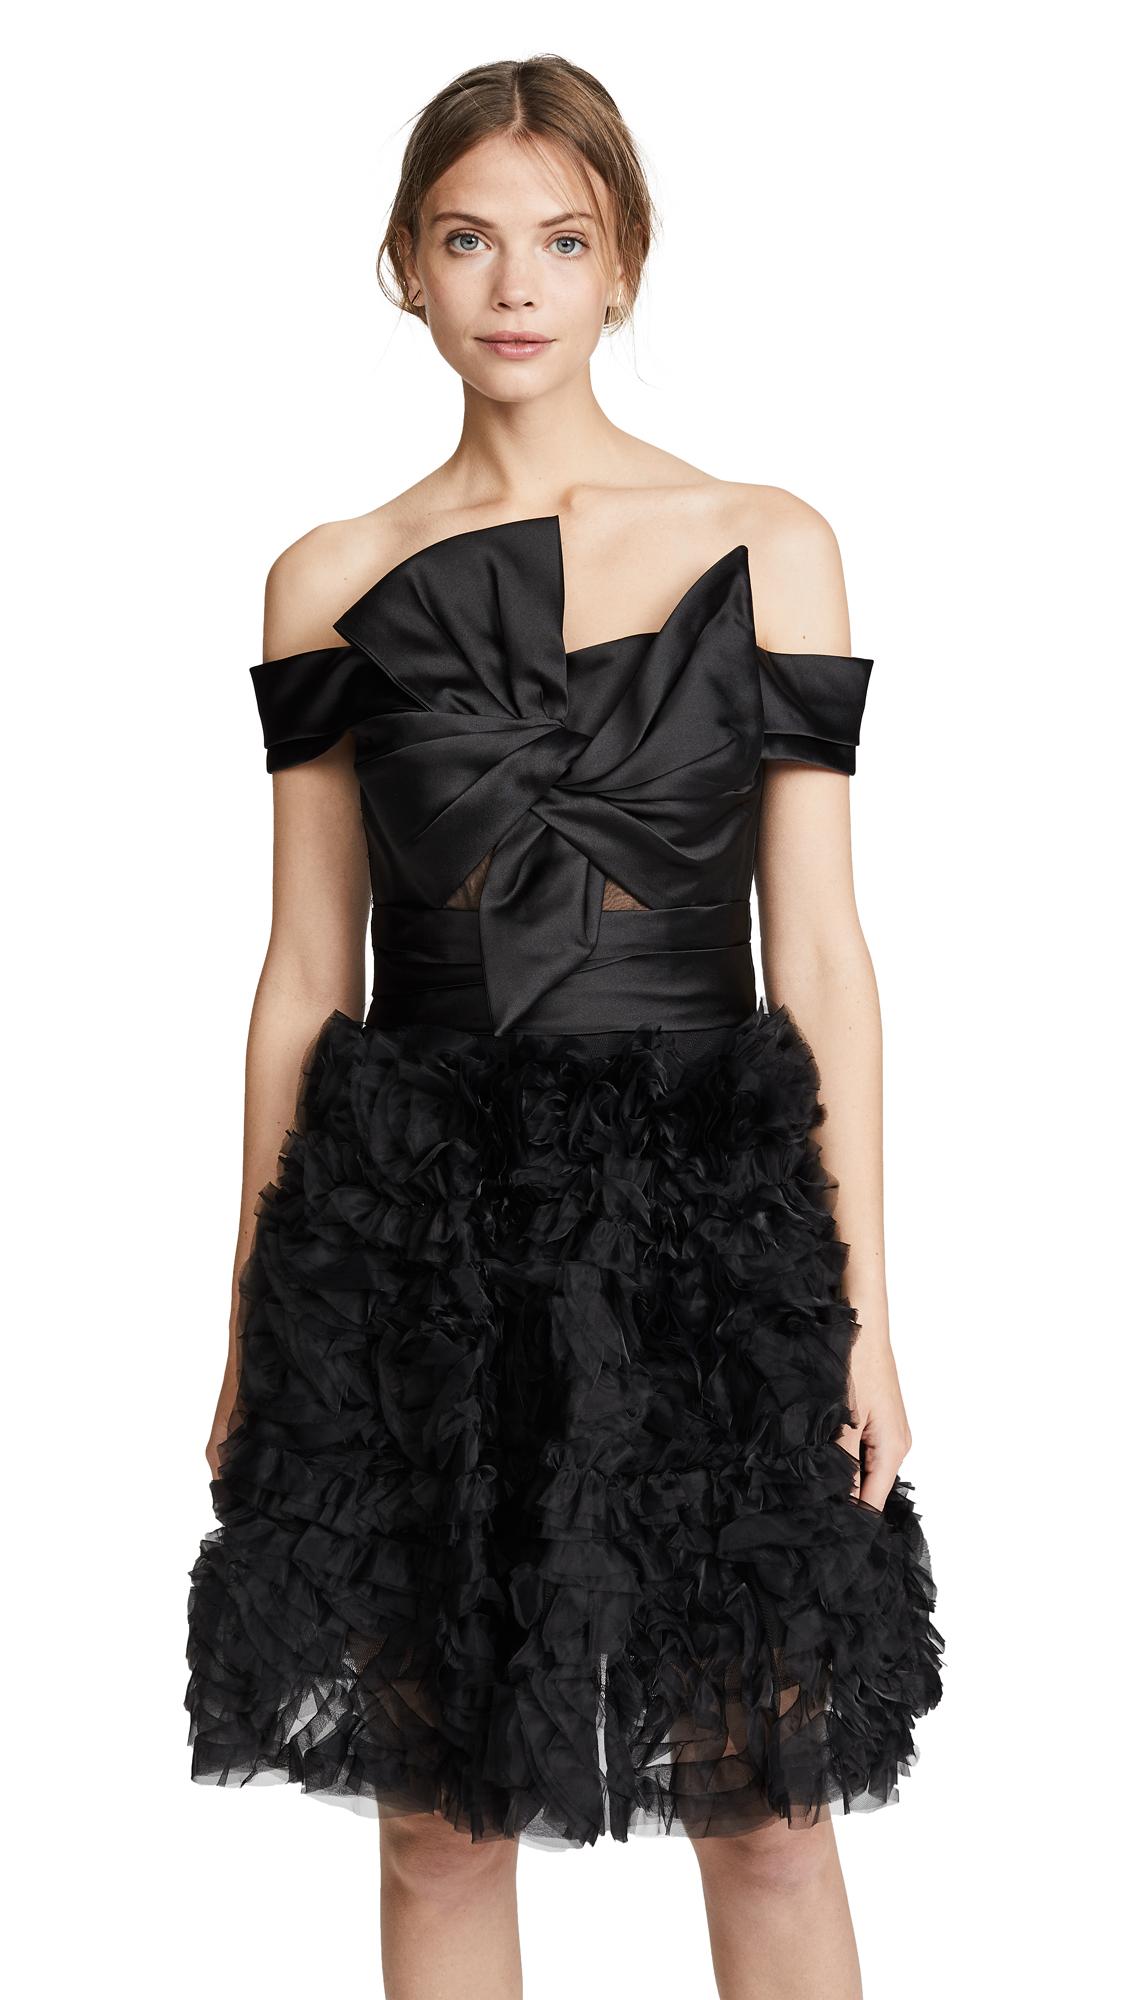 Marchesa Notte Strapless Textured Cocktail Dress